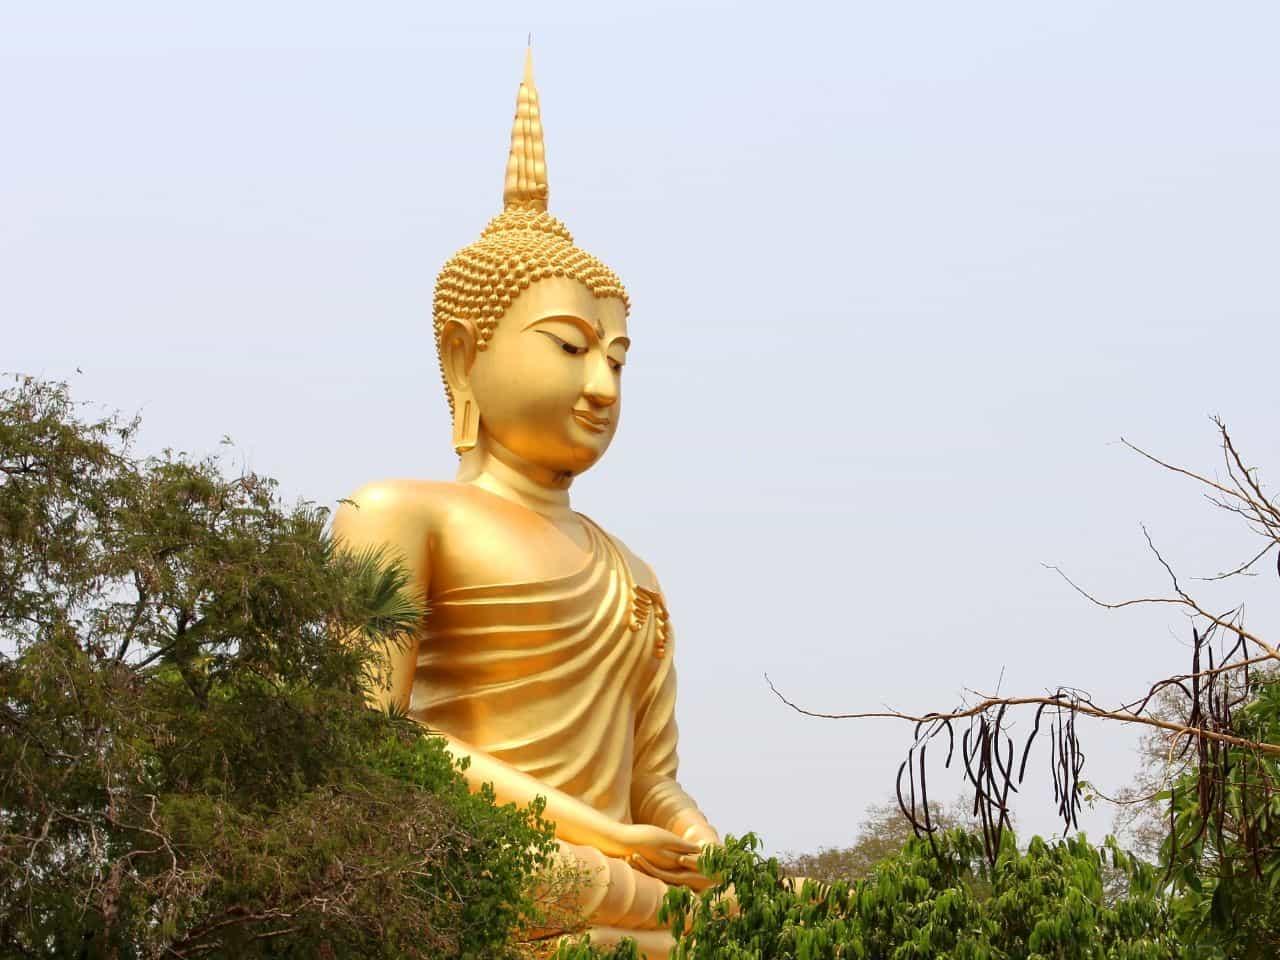 徳と能力の高そうな金色の仏像